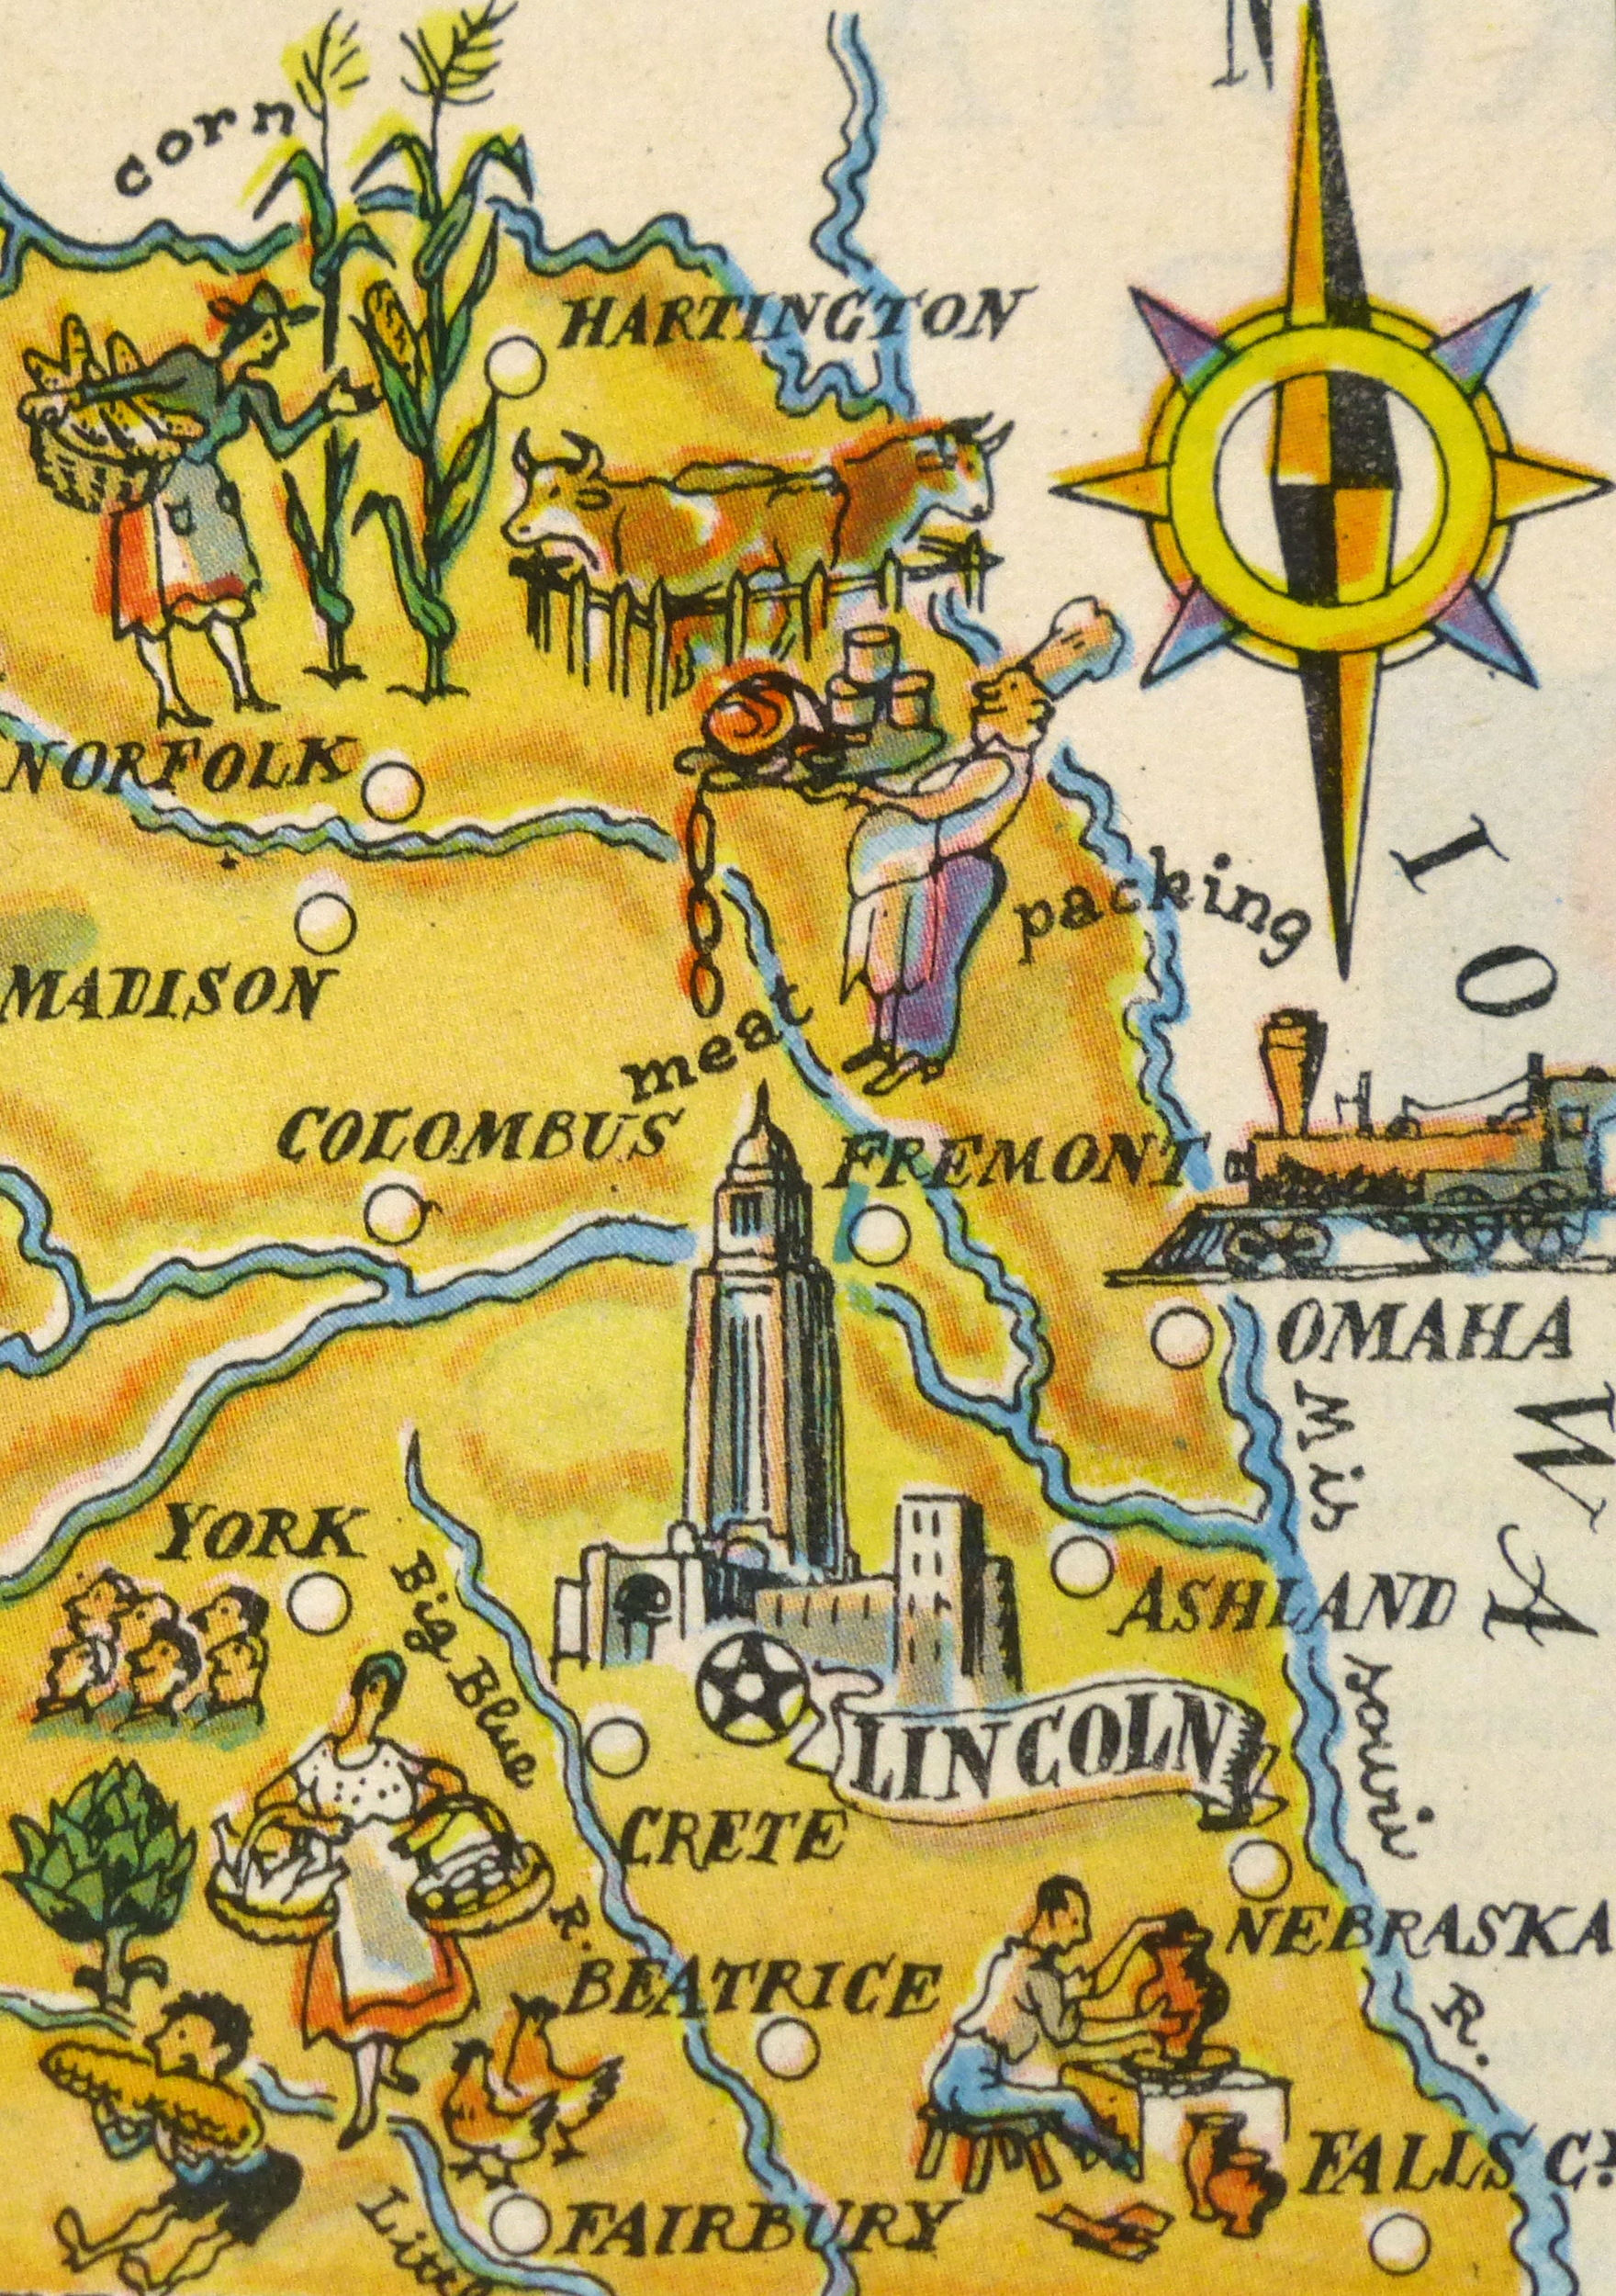 Nebraska Pictorial Map, 1946-detail-6256K